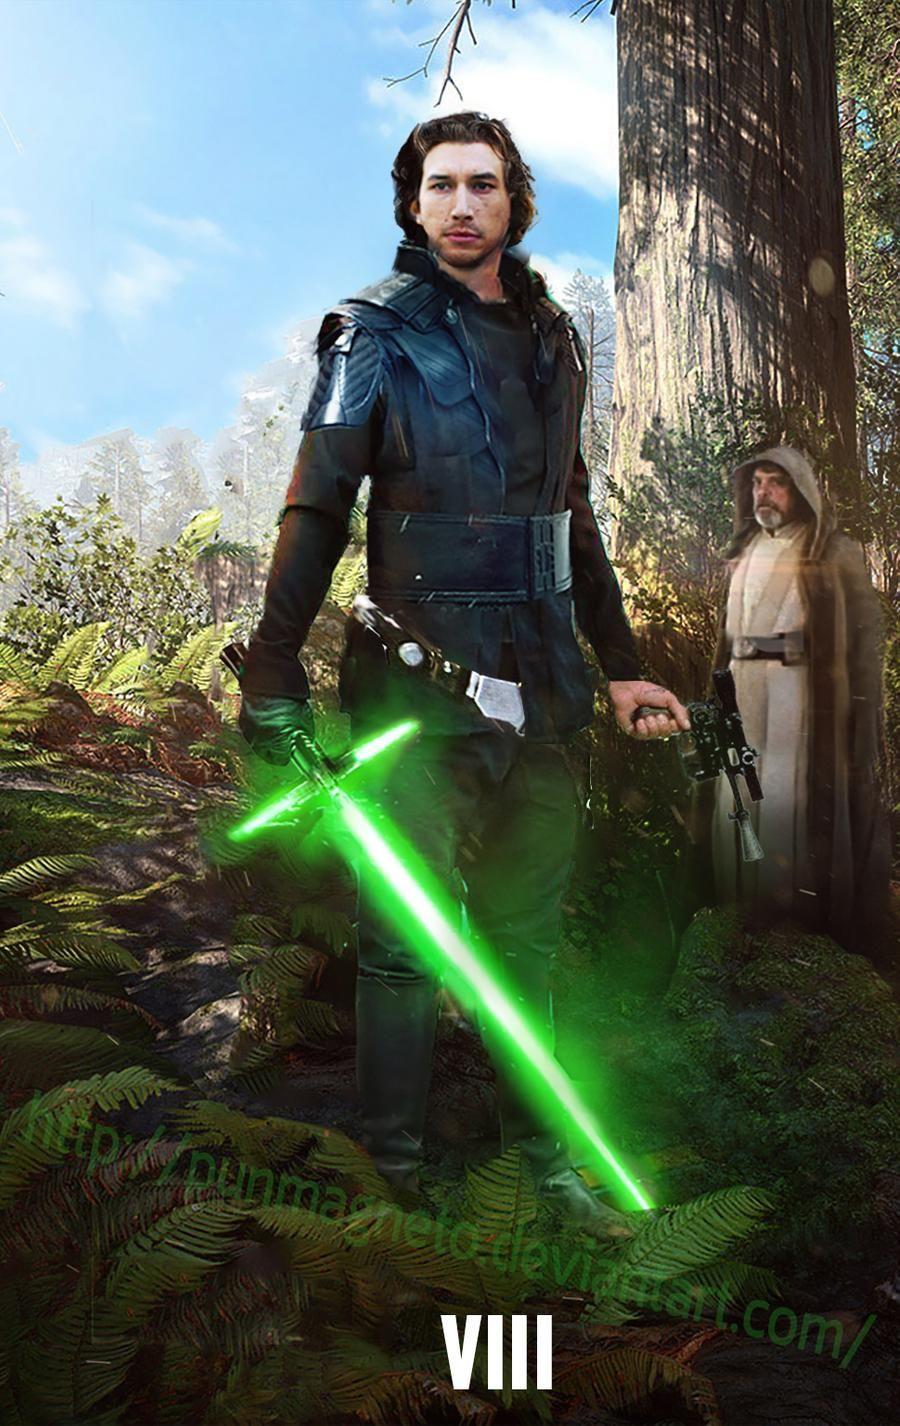 Star Wars Episode 8 Fanmade Kylo Ren Light Side By Punmagneto On Deviantart Star Wars Images Star Wars Episodes Star Wars Movie